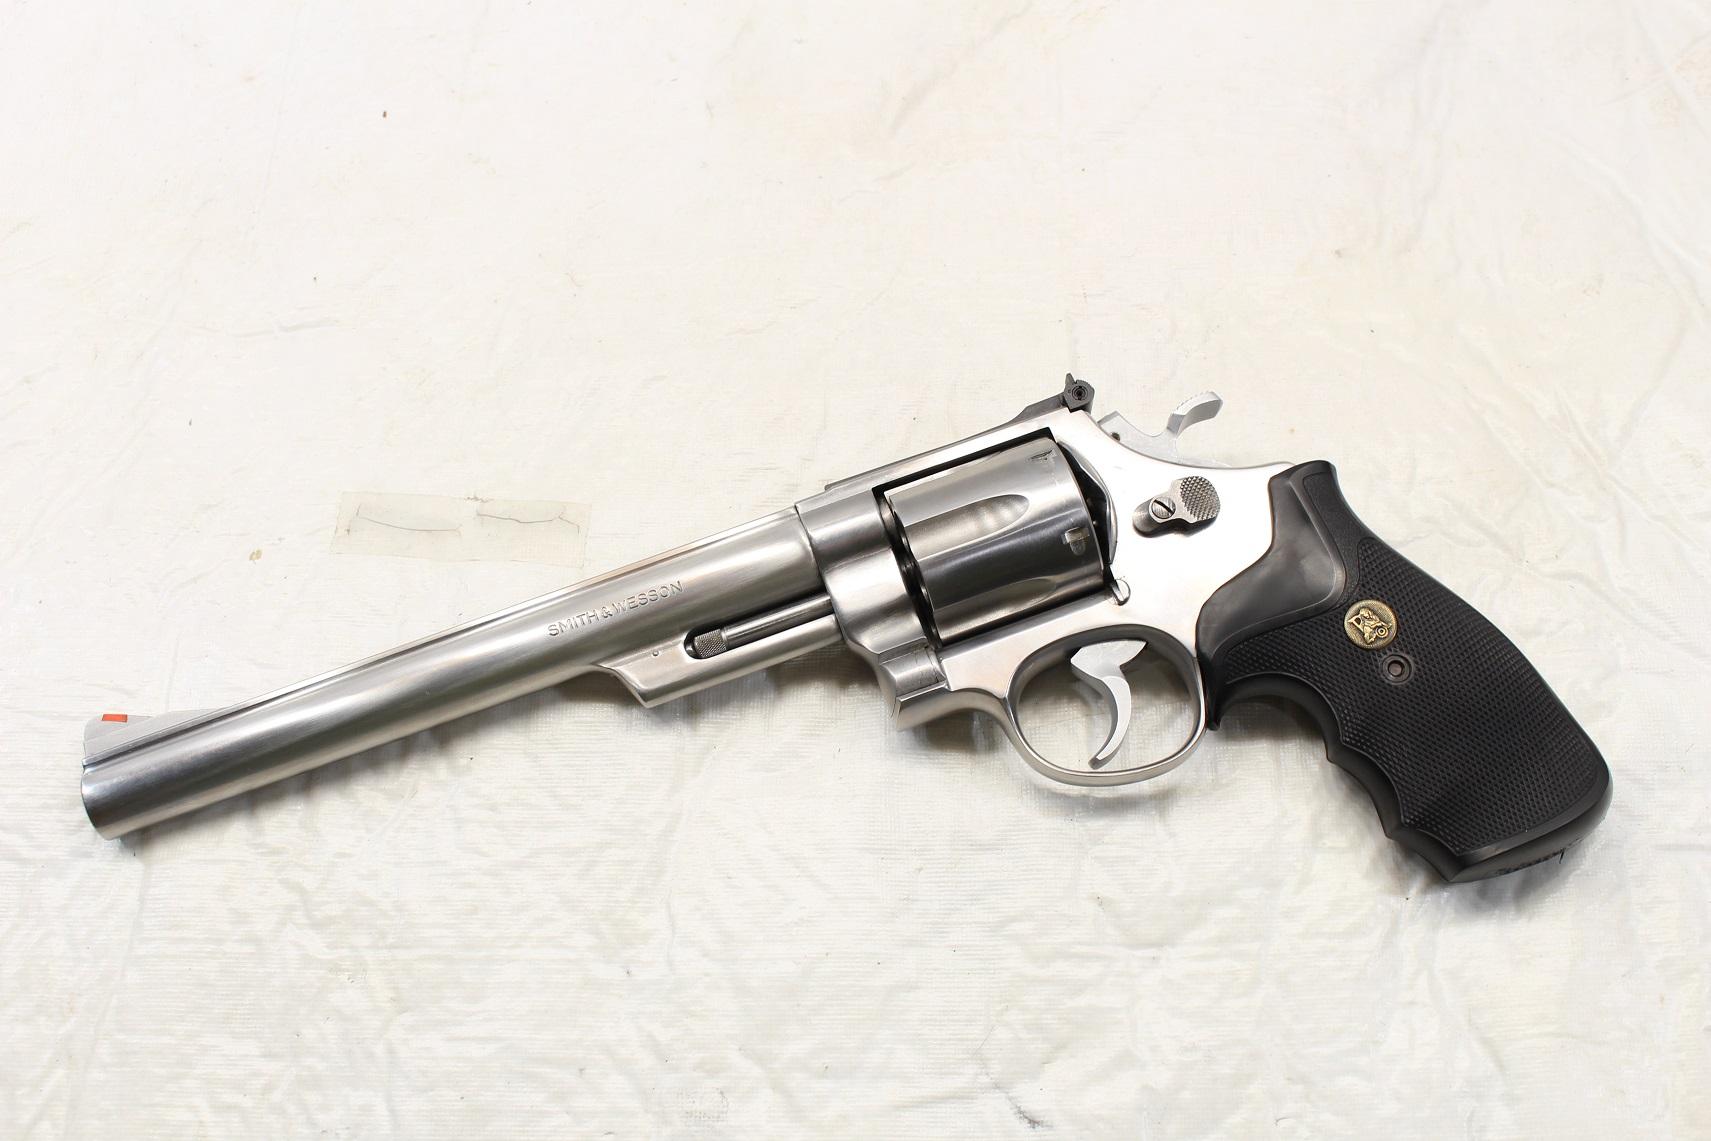 NOS USGI Main Spring for Smith/&Wesson S/&W Model 10 .38 SPL Revolver